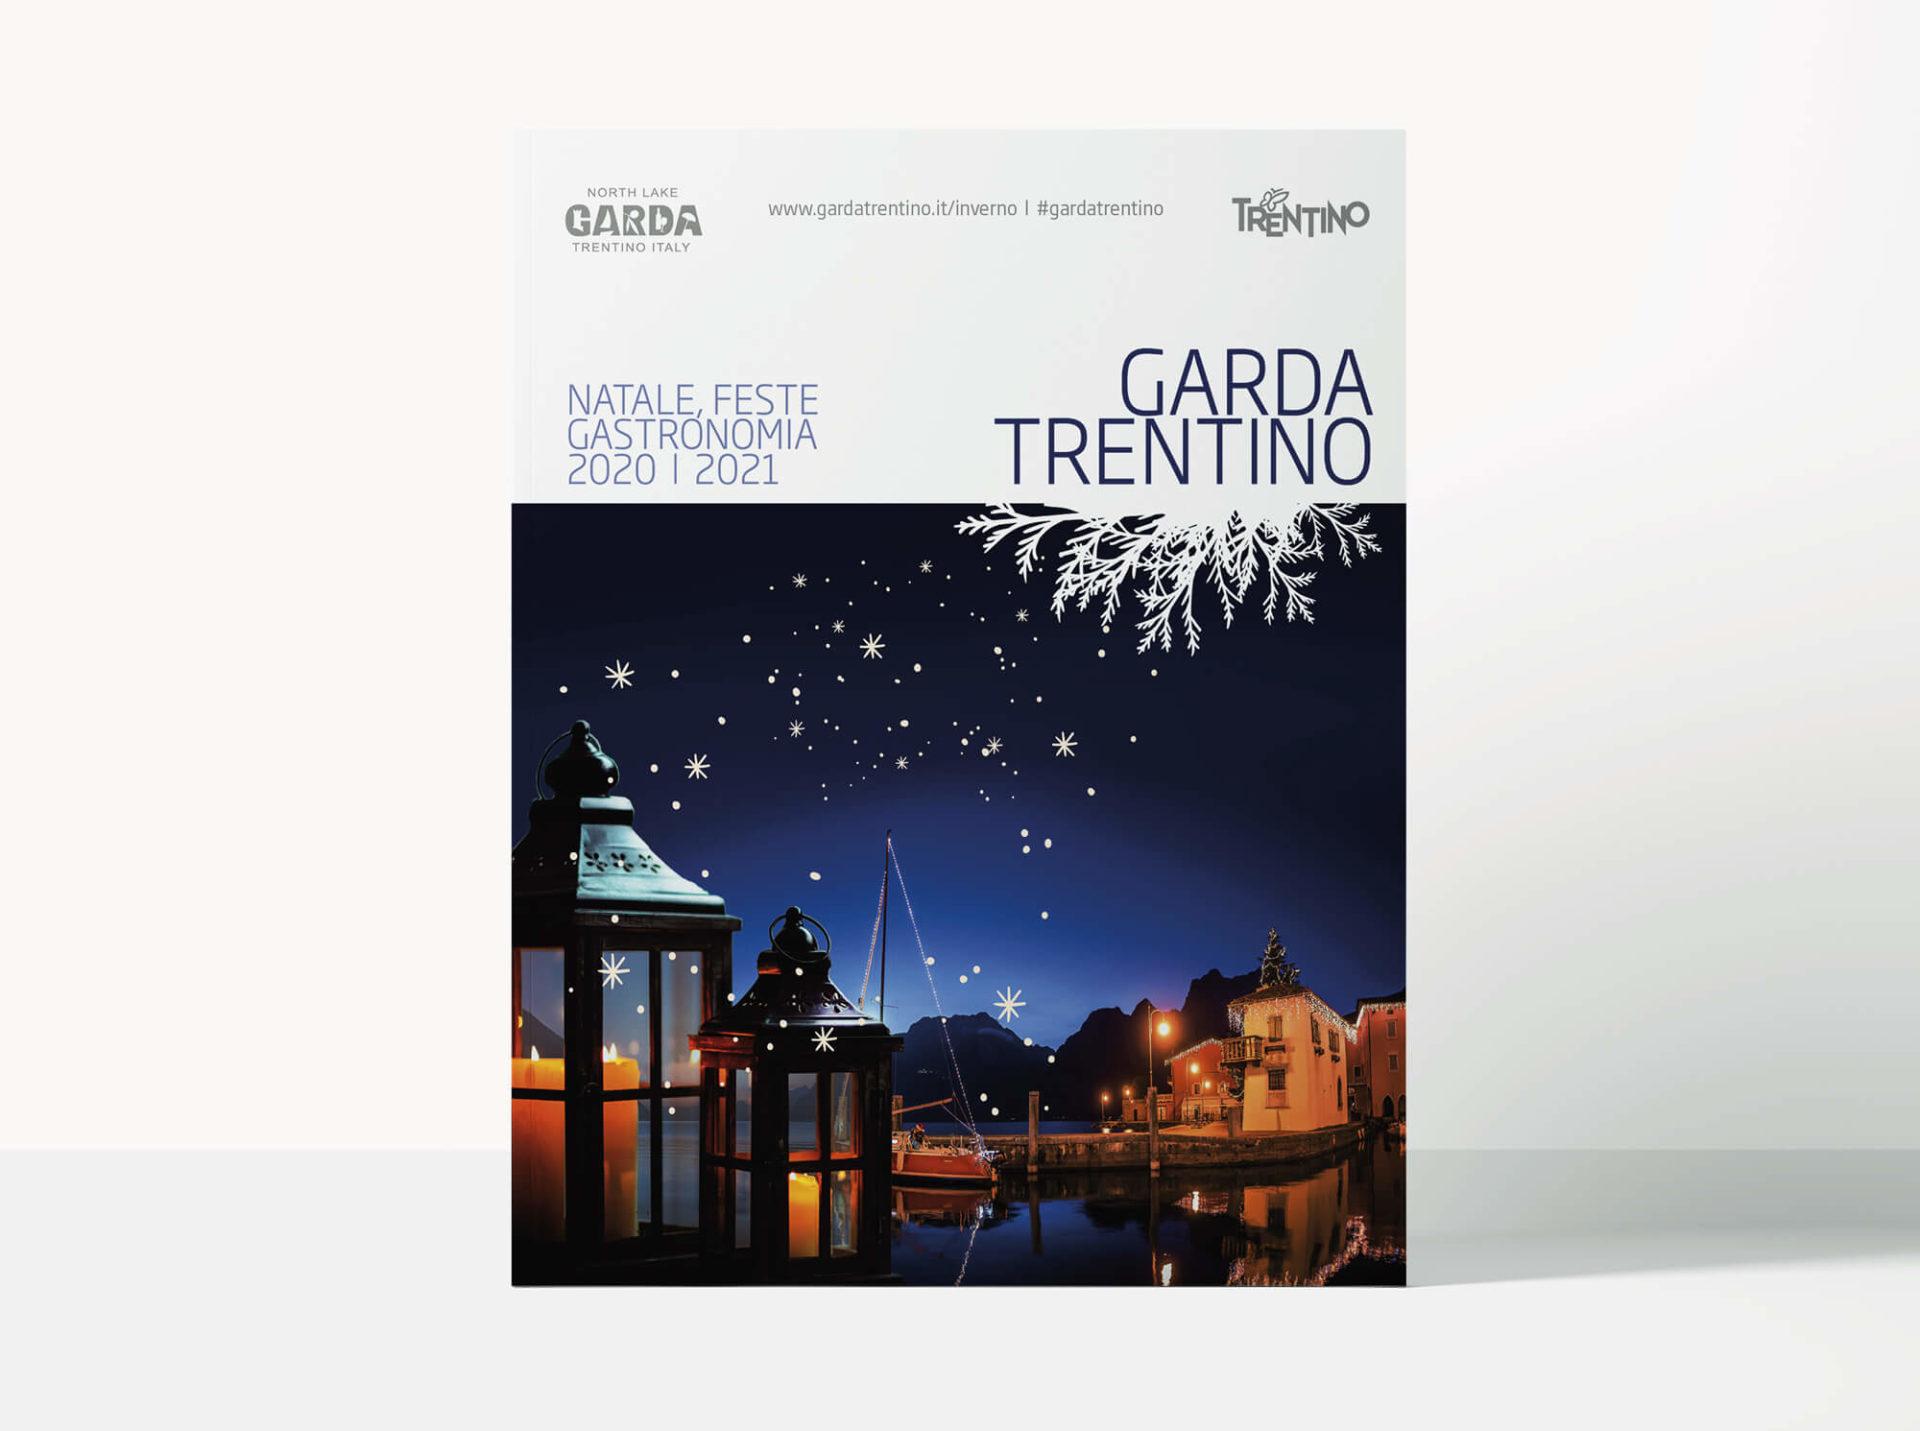 cover eventi di natale della brochure promozionale gardatrentino, progetto grafico diadestudio arco di trento